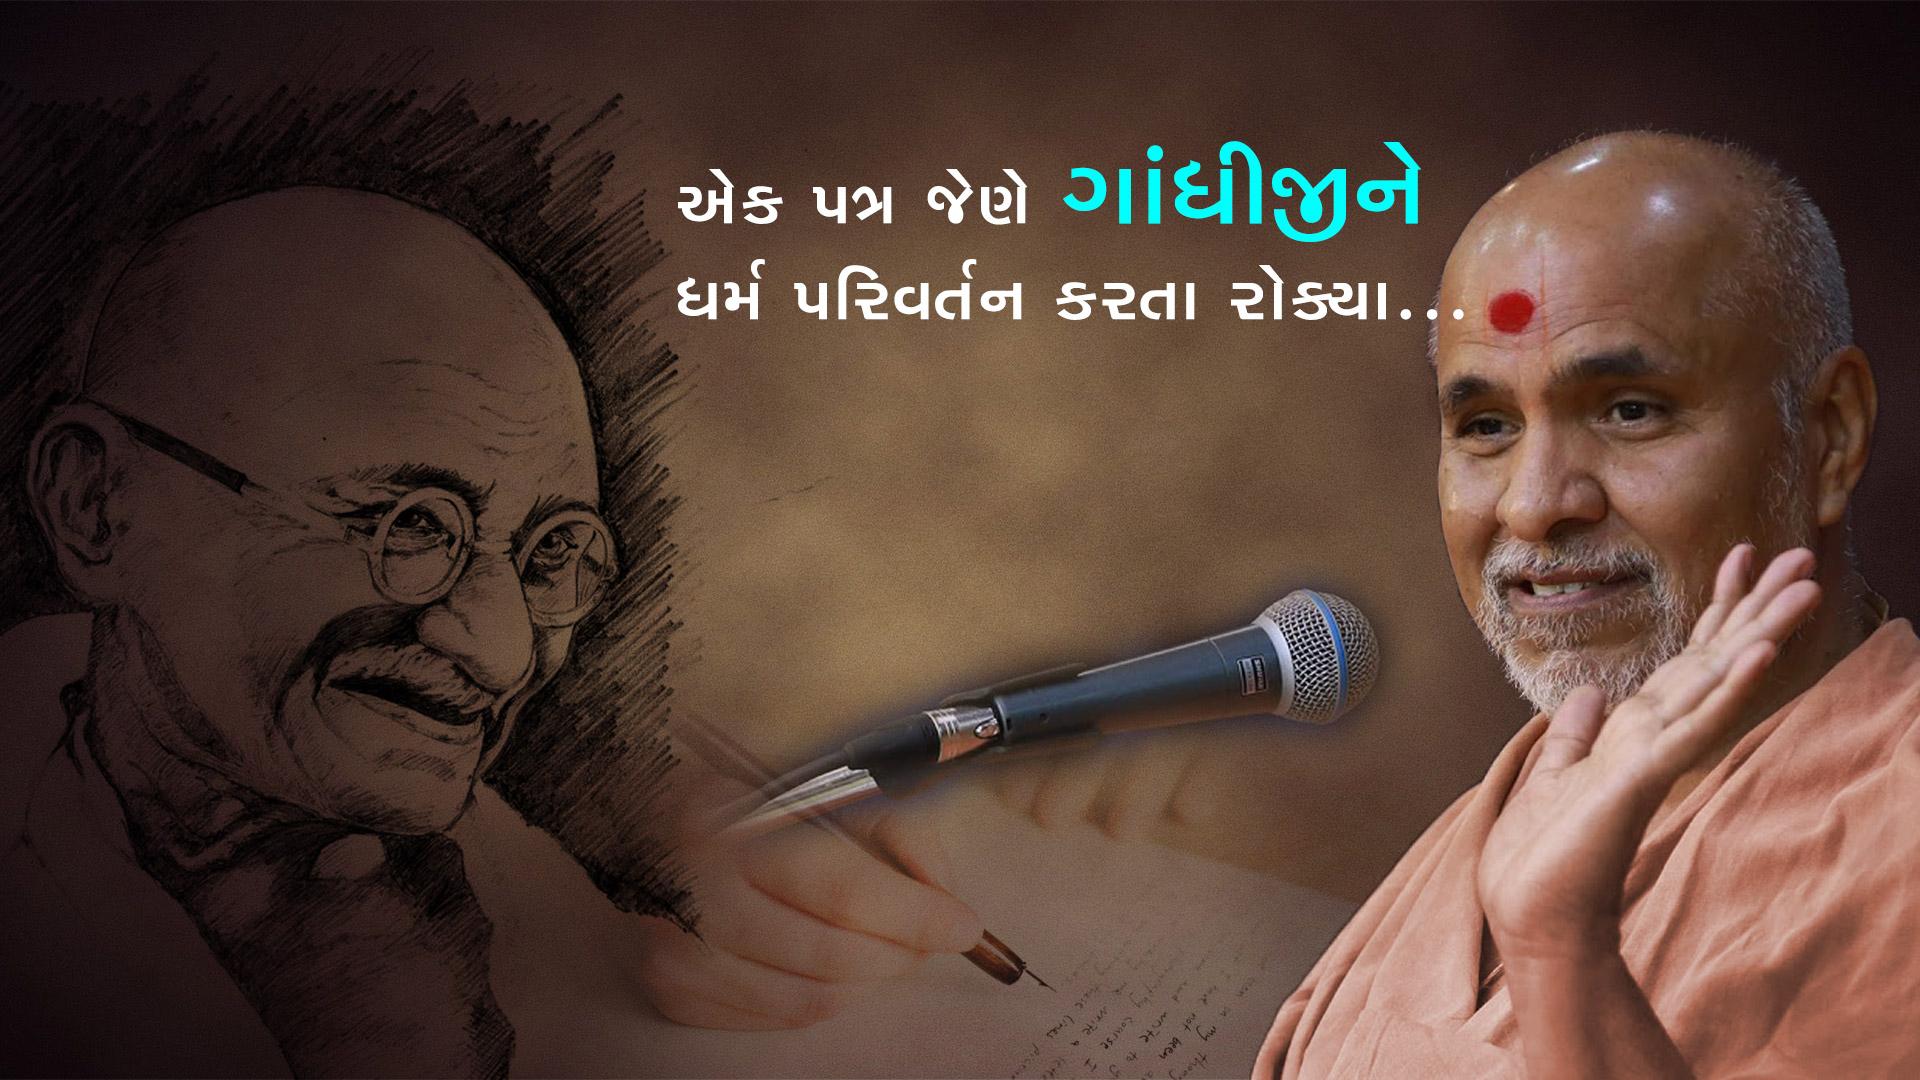 Ek Patra Jene Gandhiji Ne Dharma Parivartan Karata Rokya